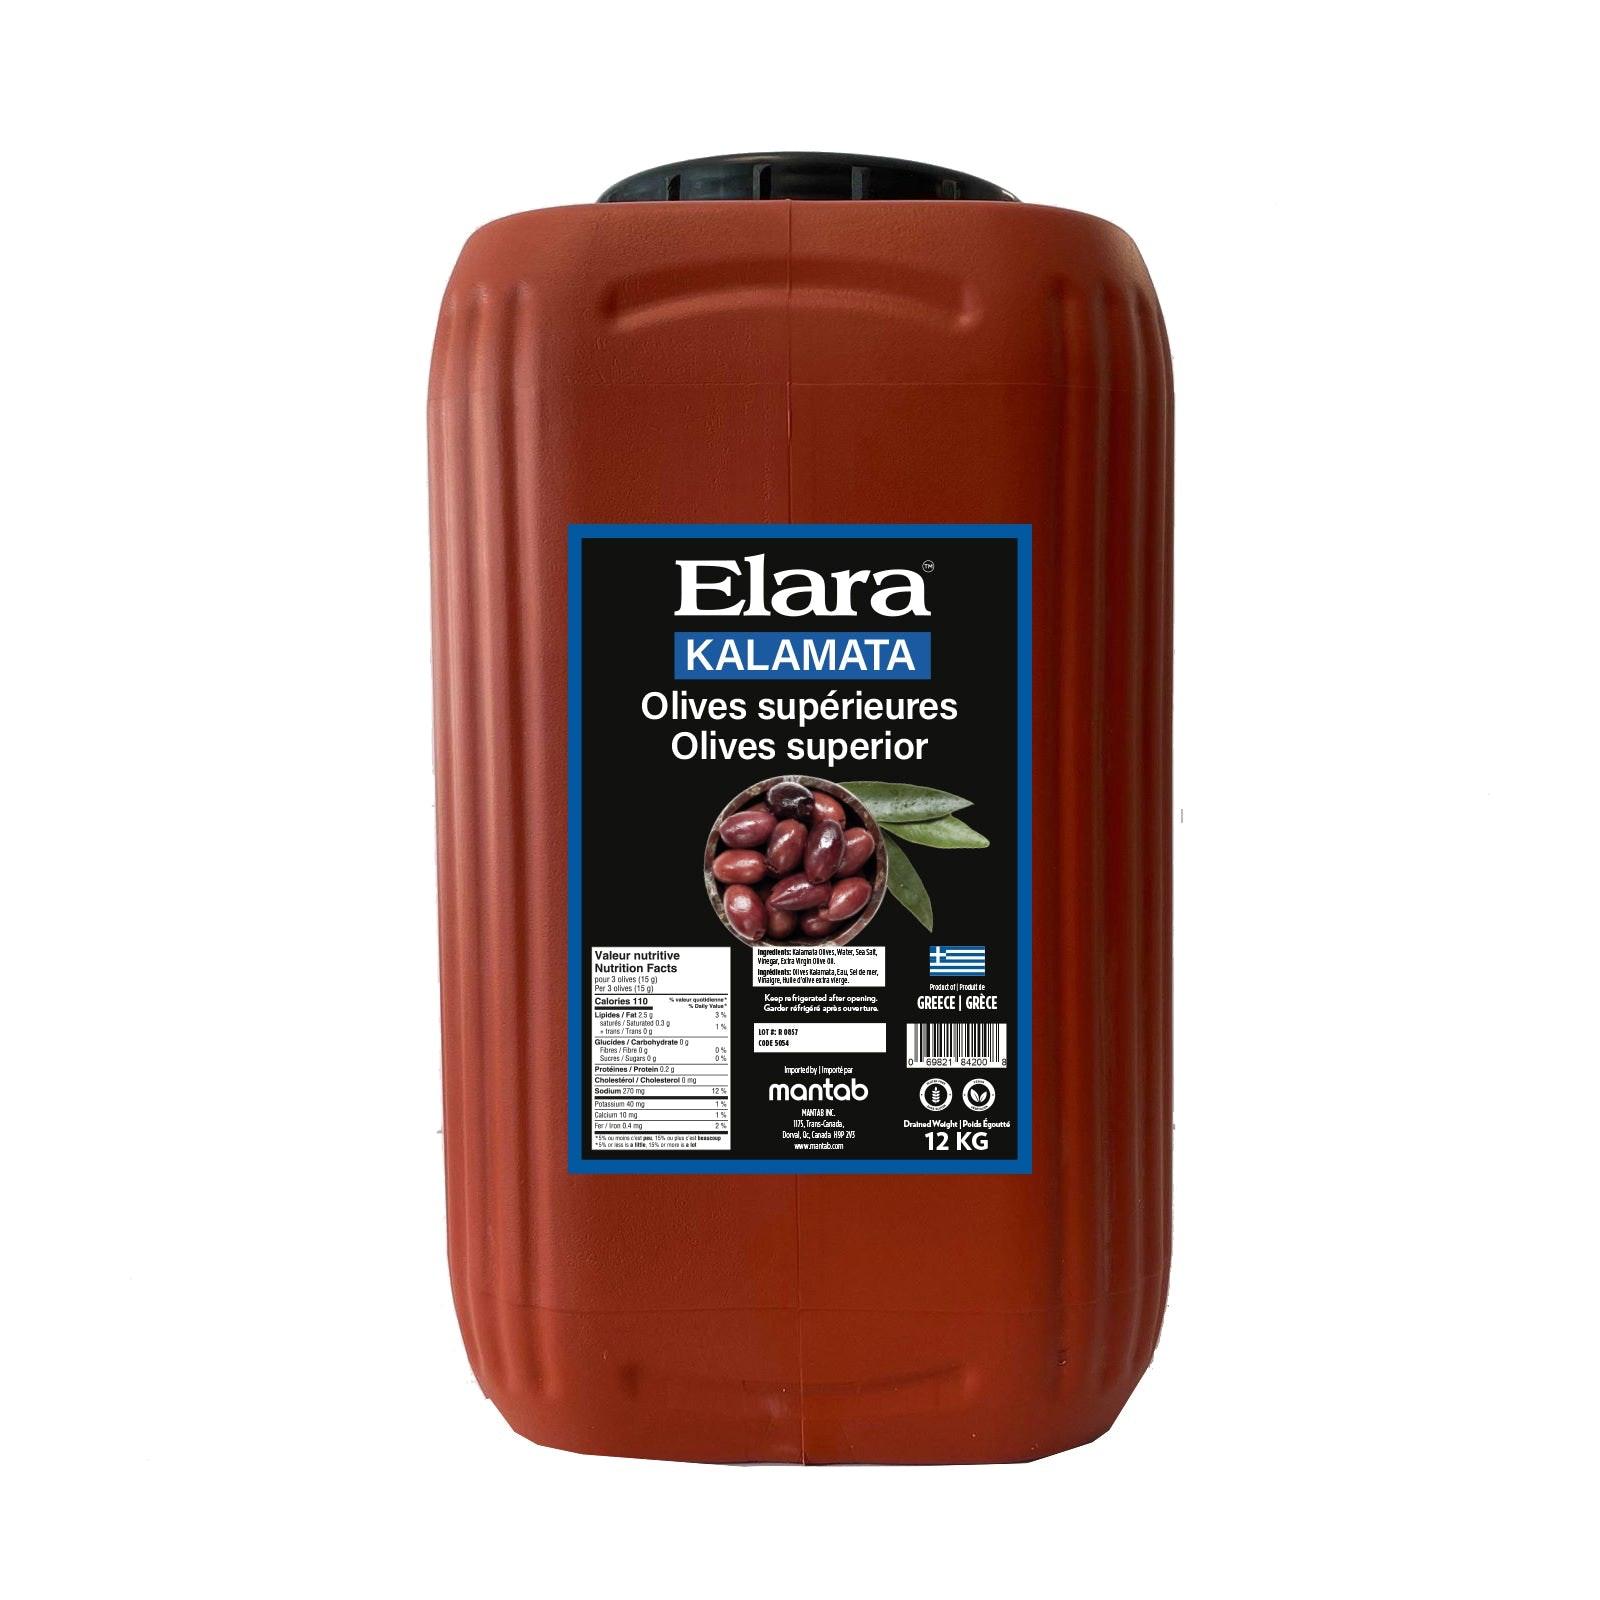 ELARA Kalamata olives Superior